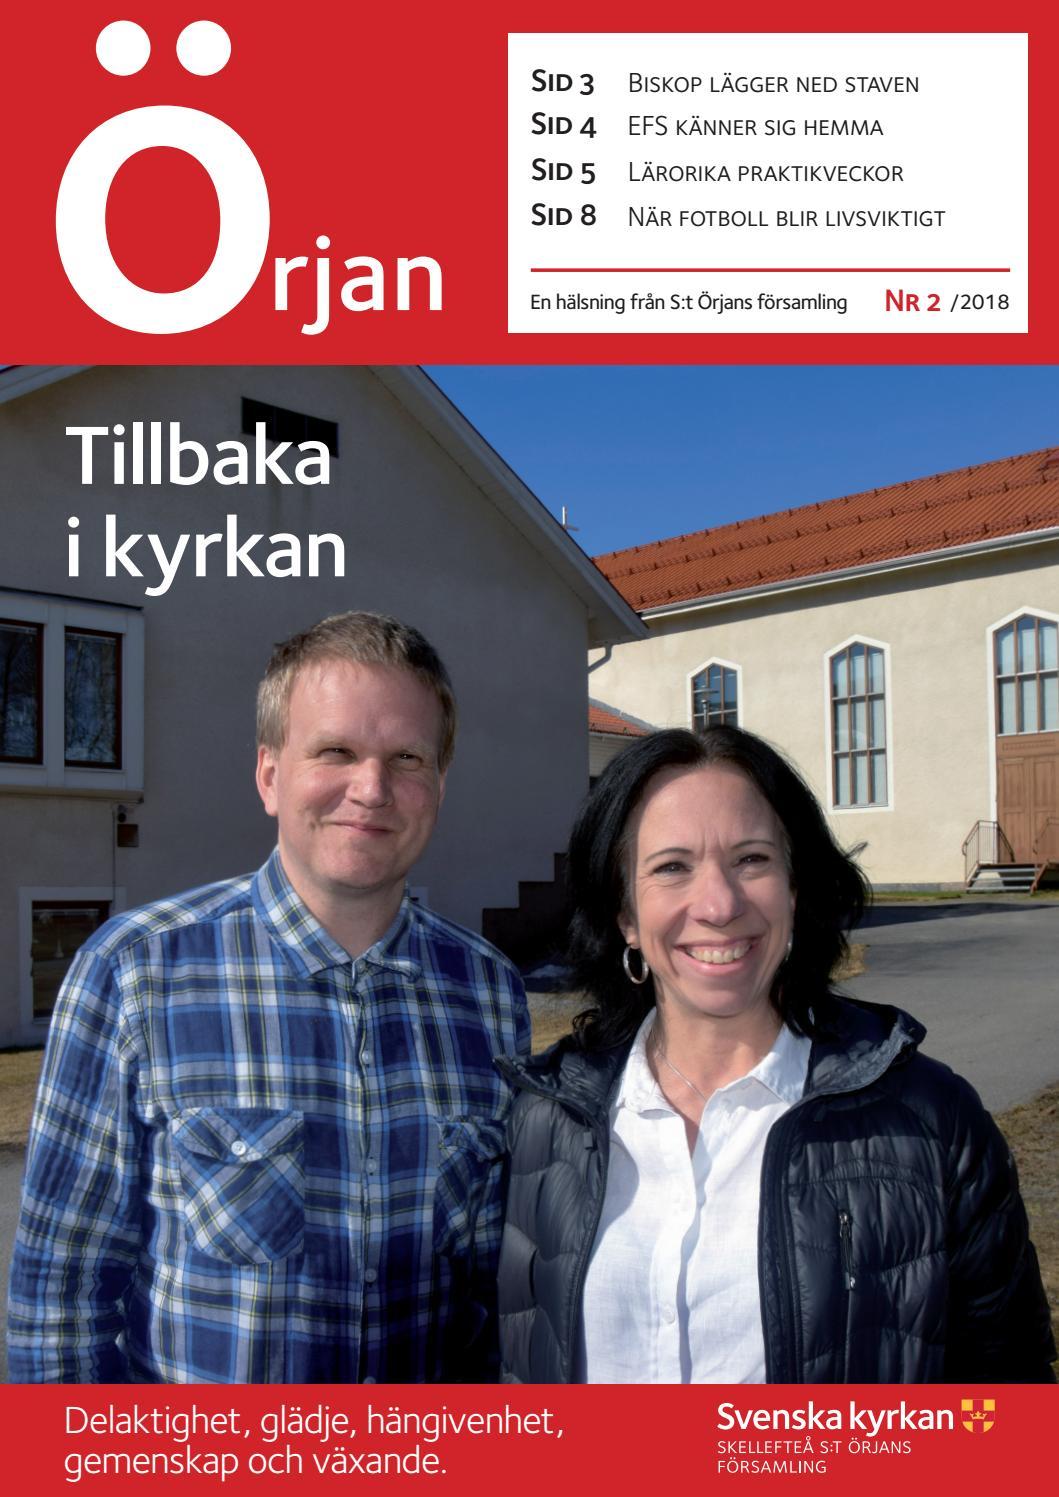 Människorna i Skellefteå Sankt Olov